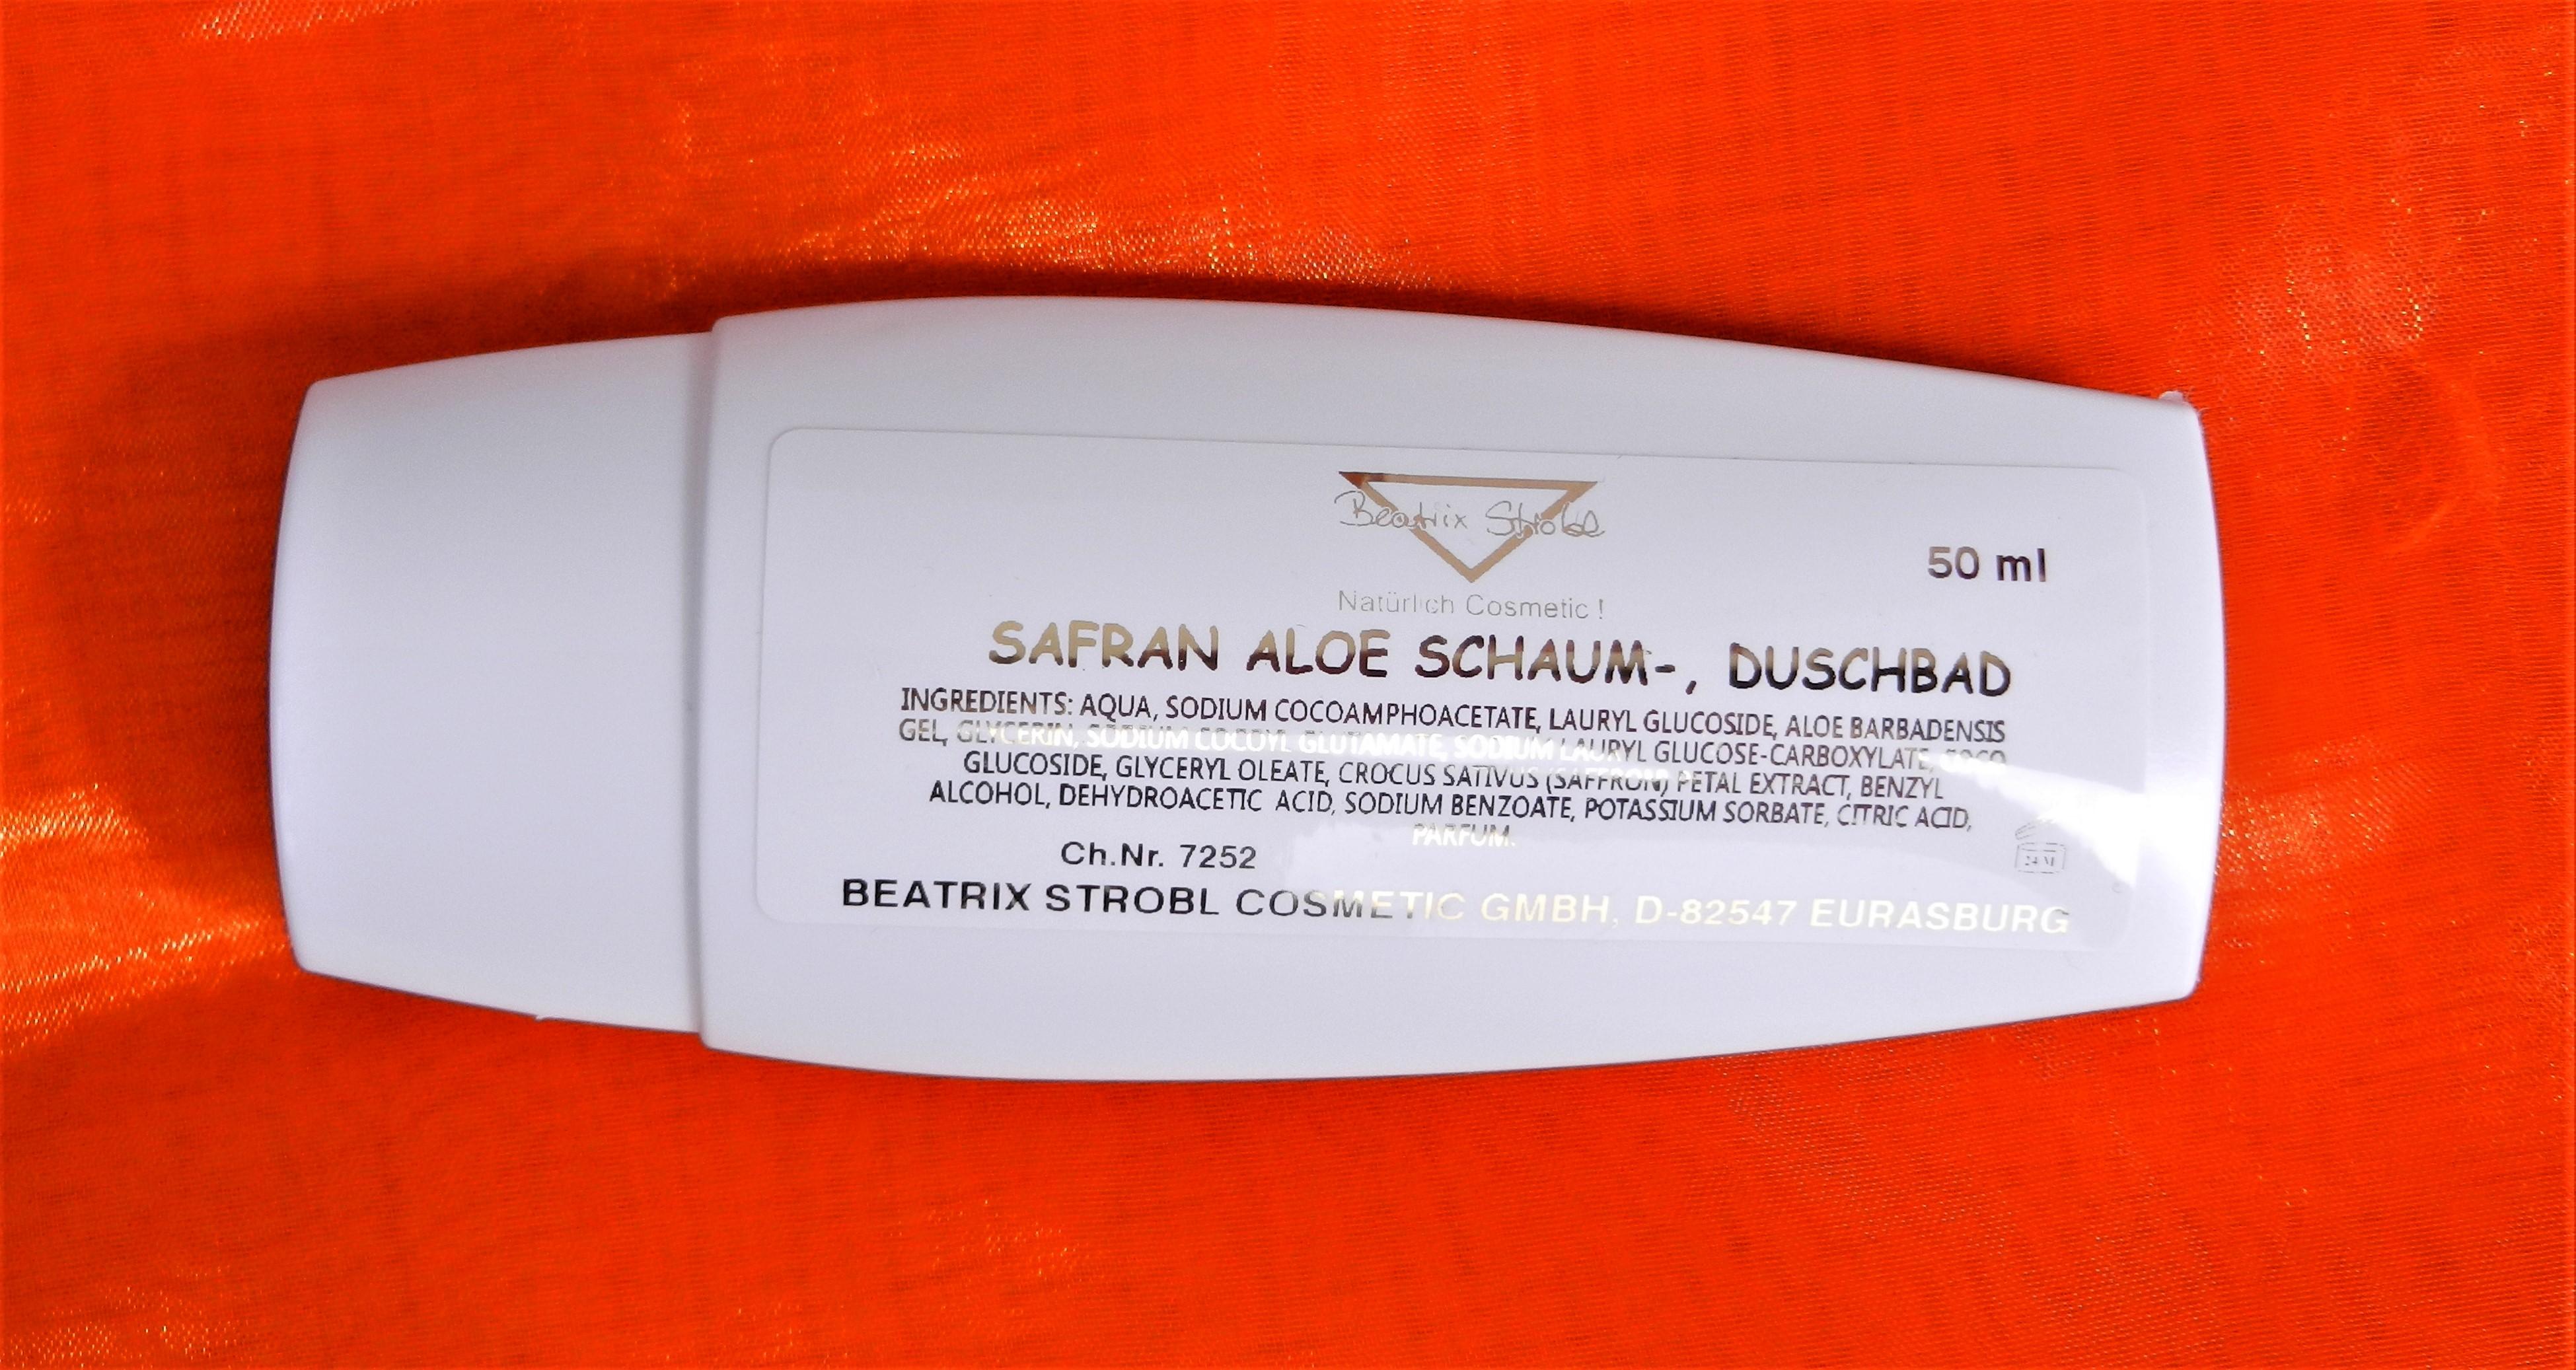 SAFRAN-ALOE Dusch-, Hair- und Schaumbad